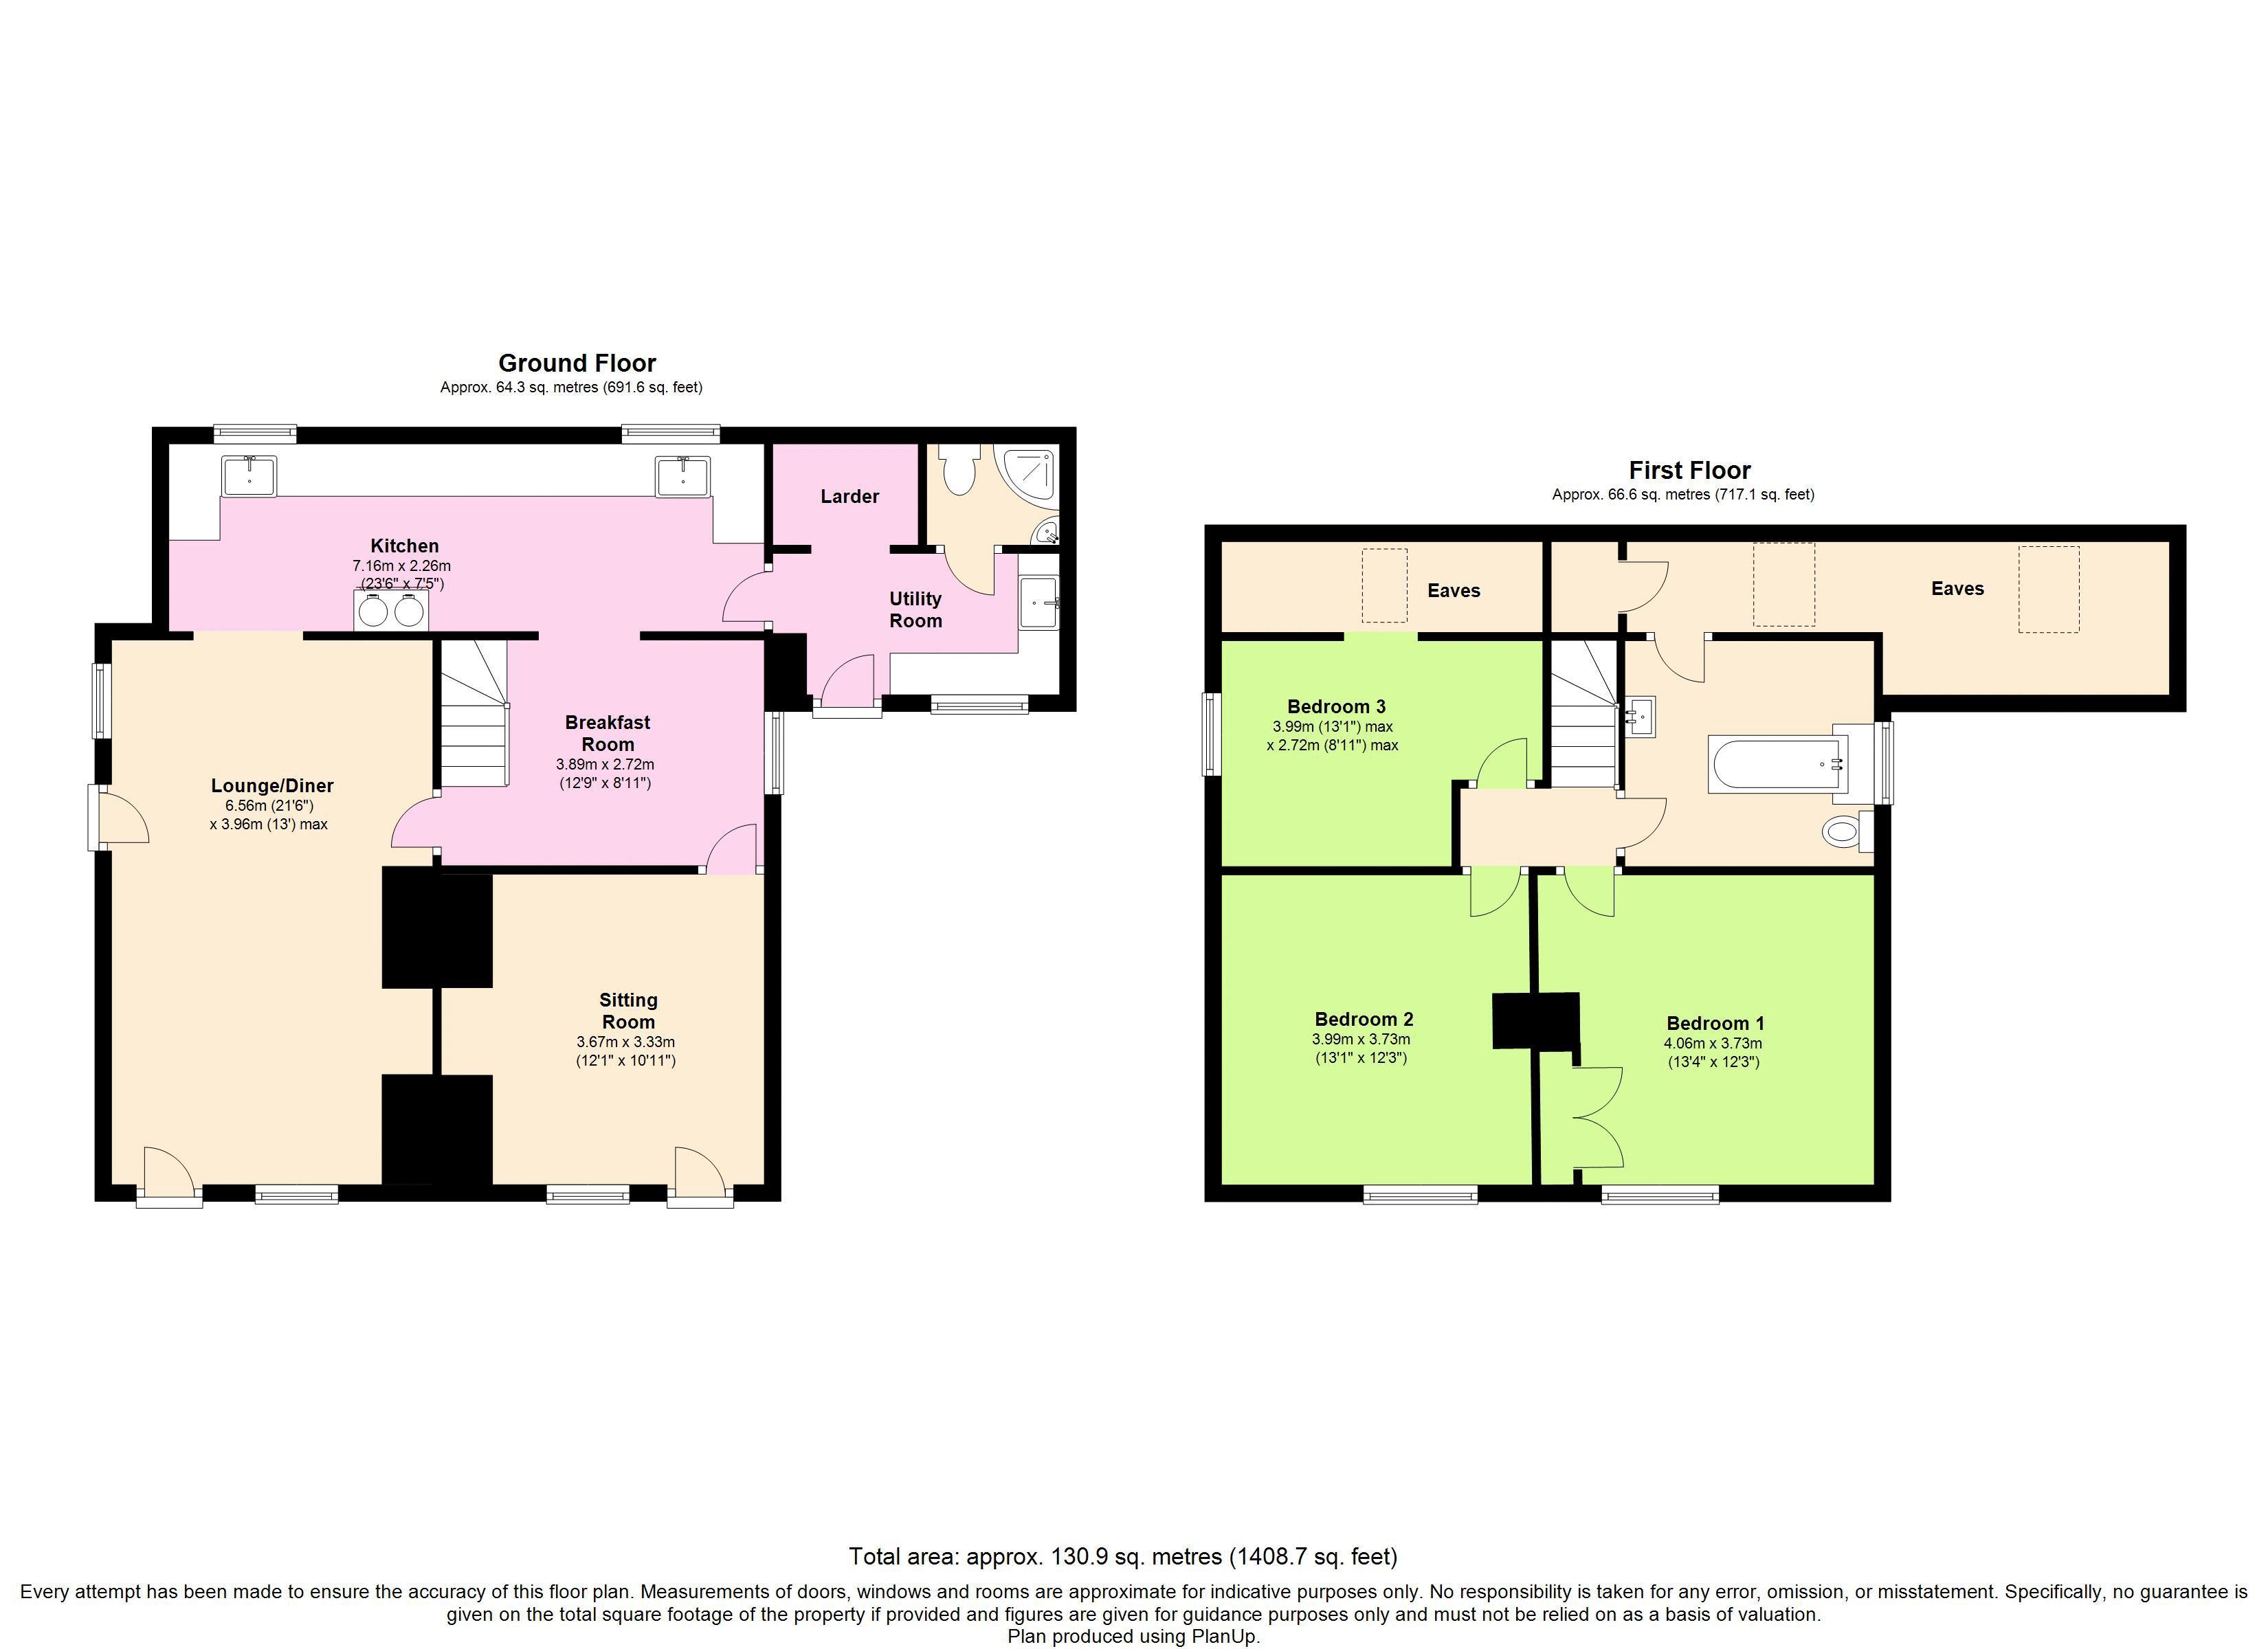 Norris Lane Chaddleworth Newbury Rg20 3 Bedroom